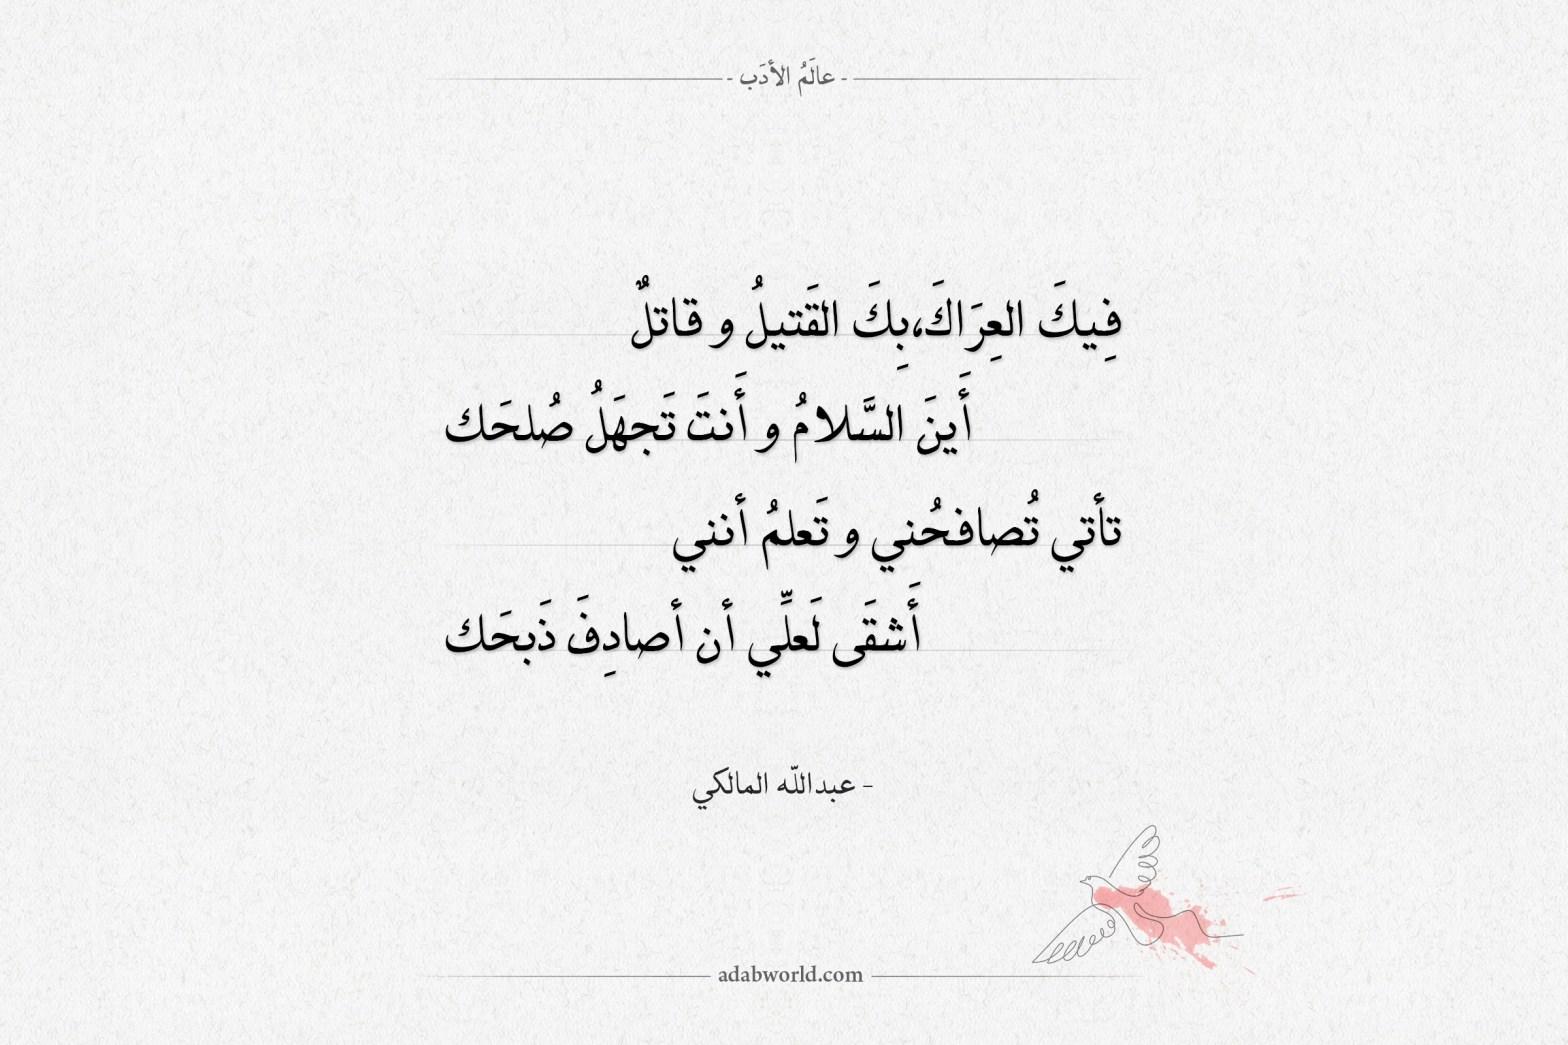 شعر عبدالله المالكي فيك العراك